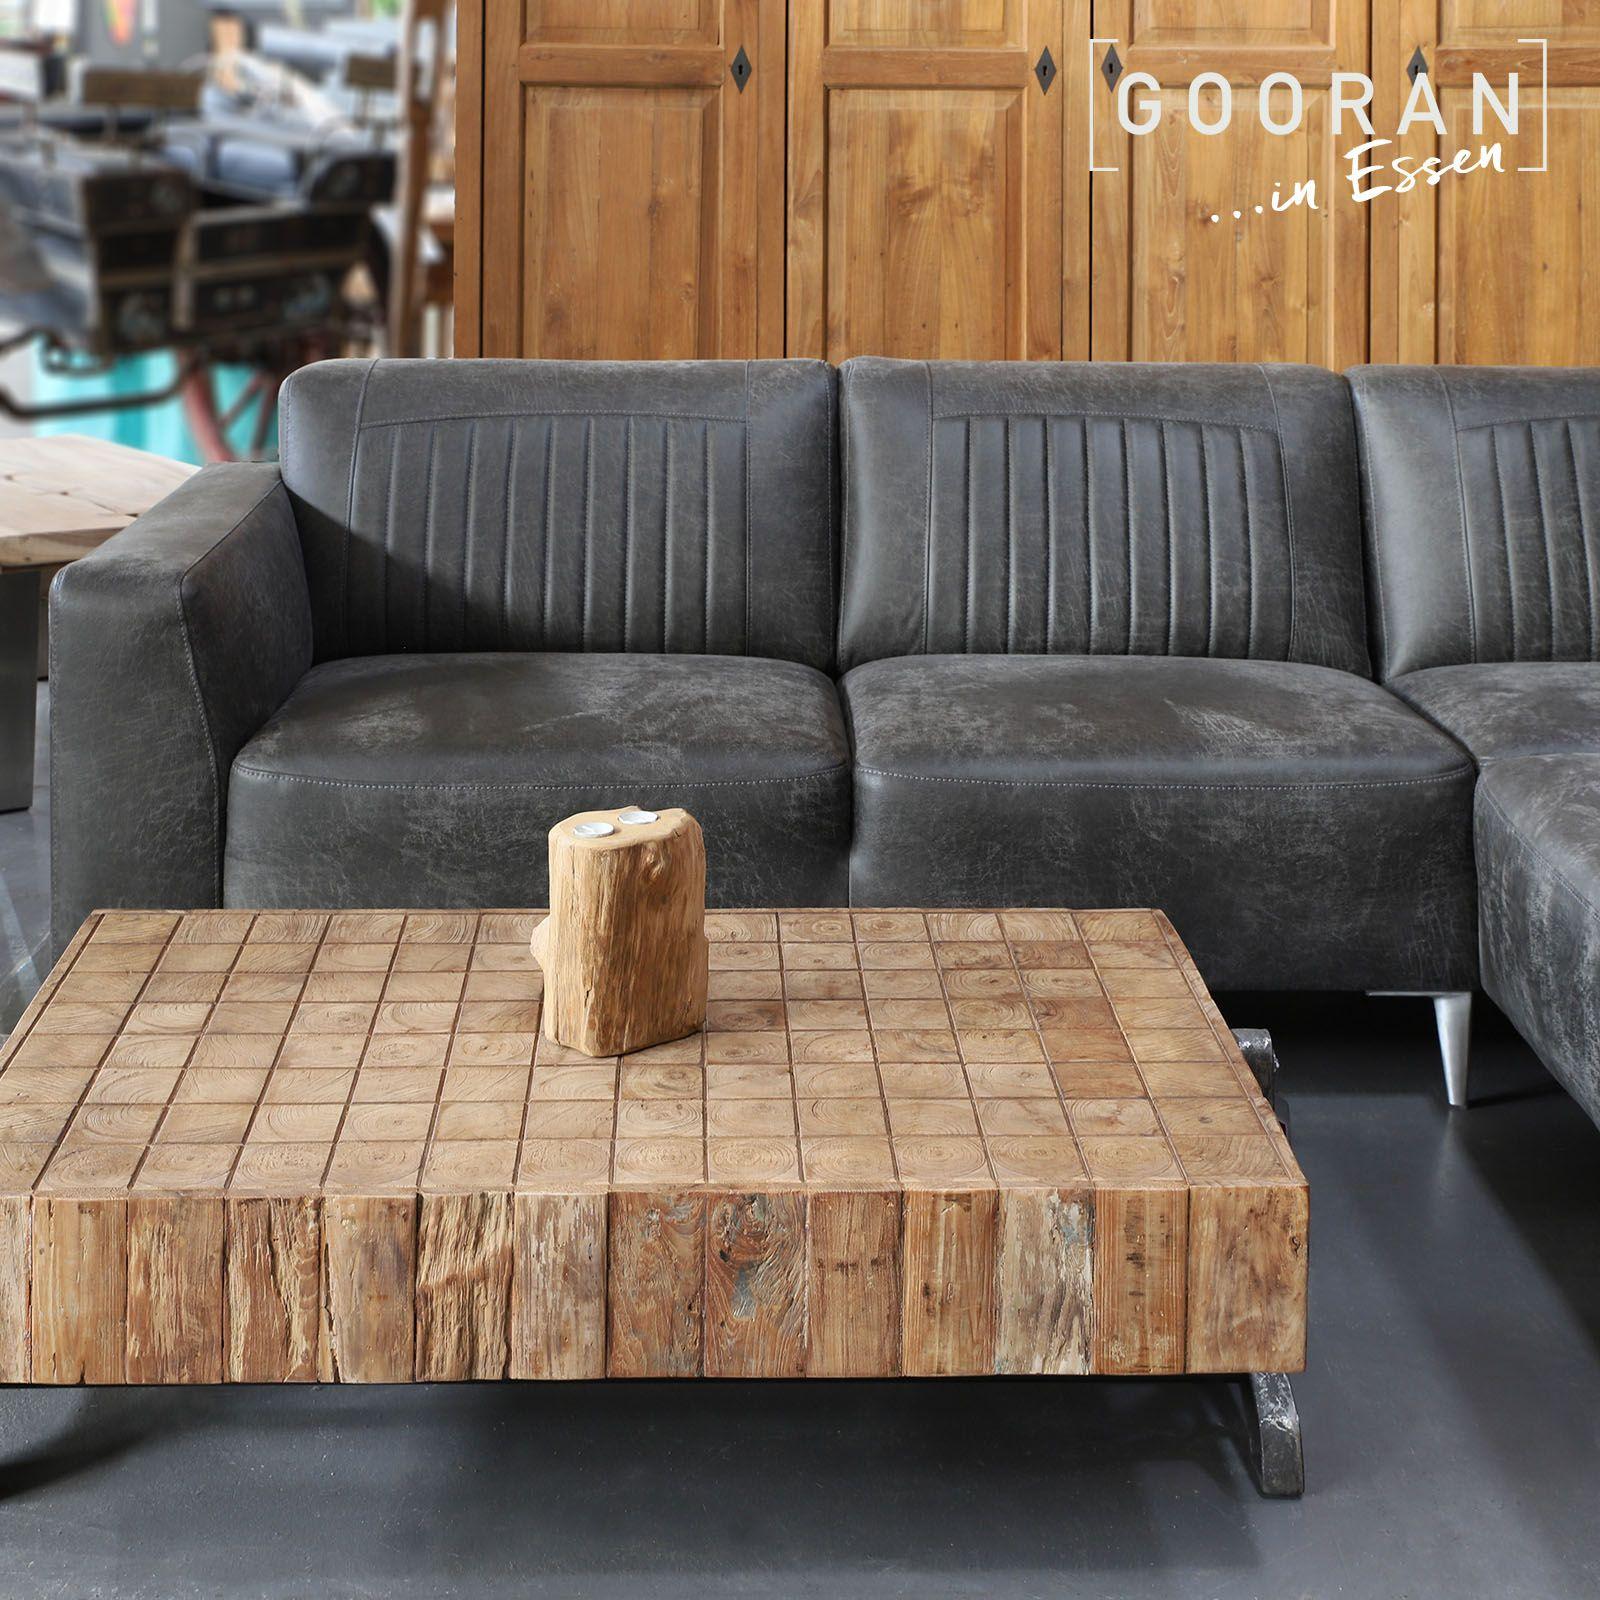 Sofagarnitur Aix Mit Bildern Wohnzimmer Modern Ecksofa Couchtisch